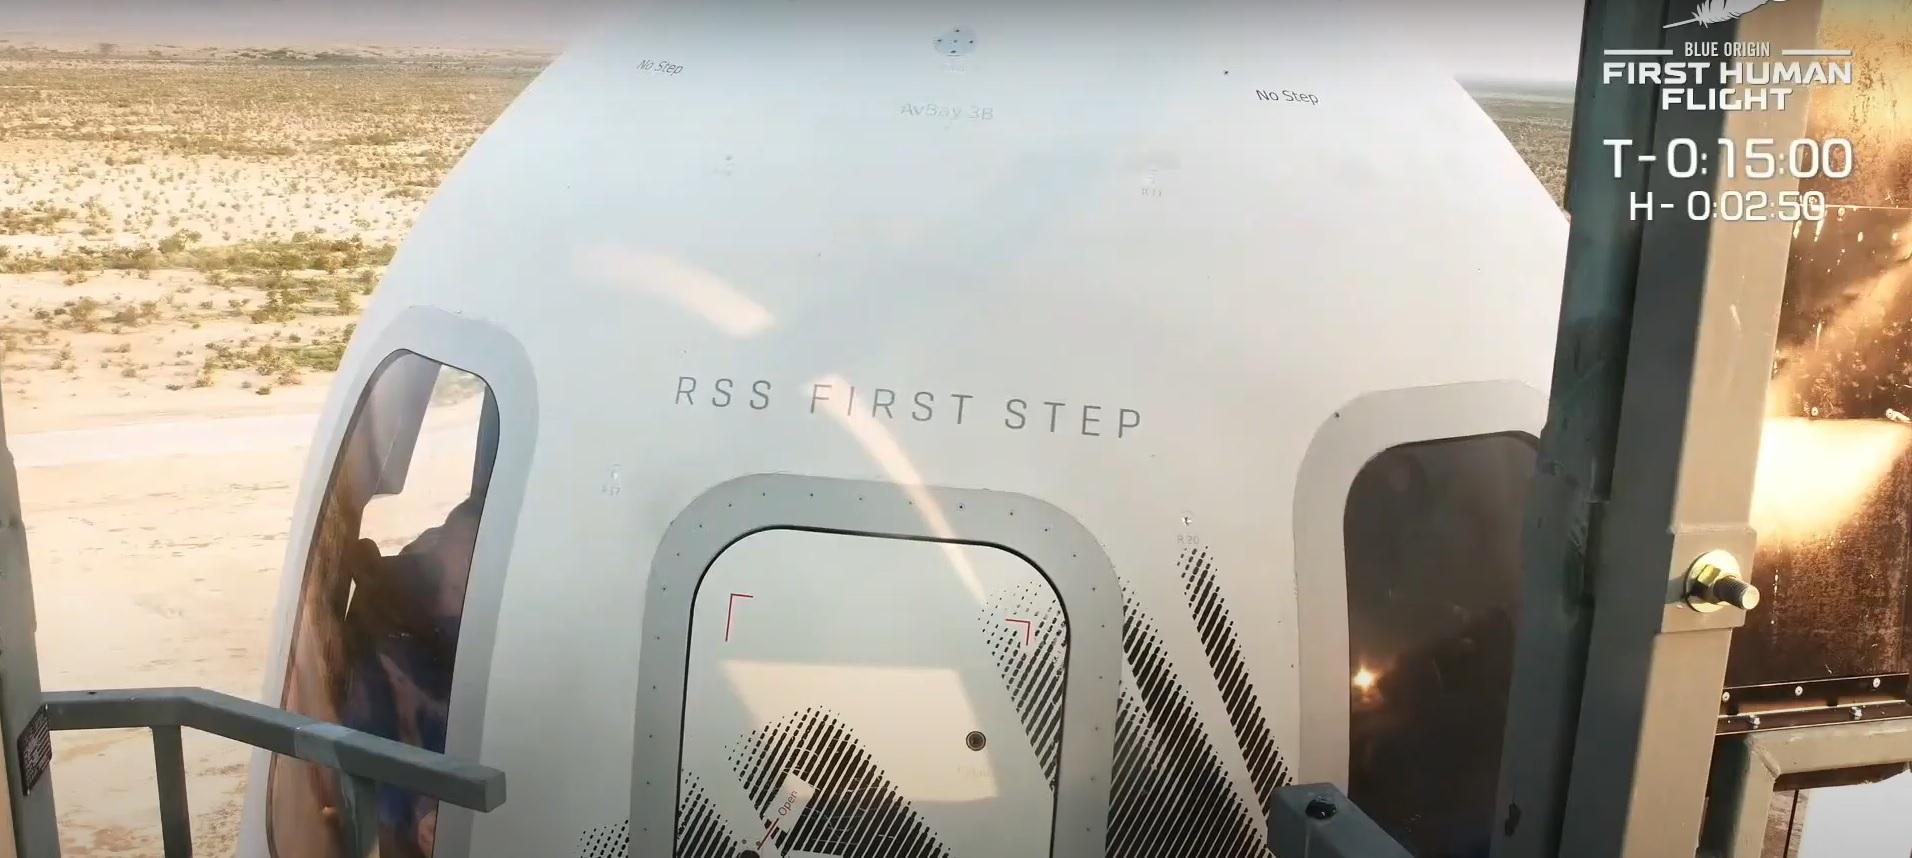 Lansarea Blue Origin. Jeff Bezos zboară în spațiul cosmic VIDEO